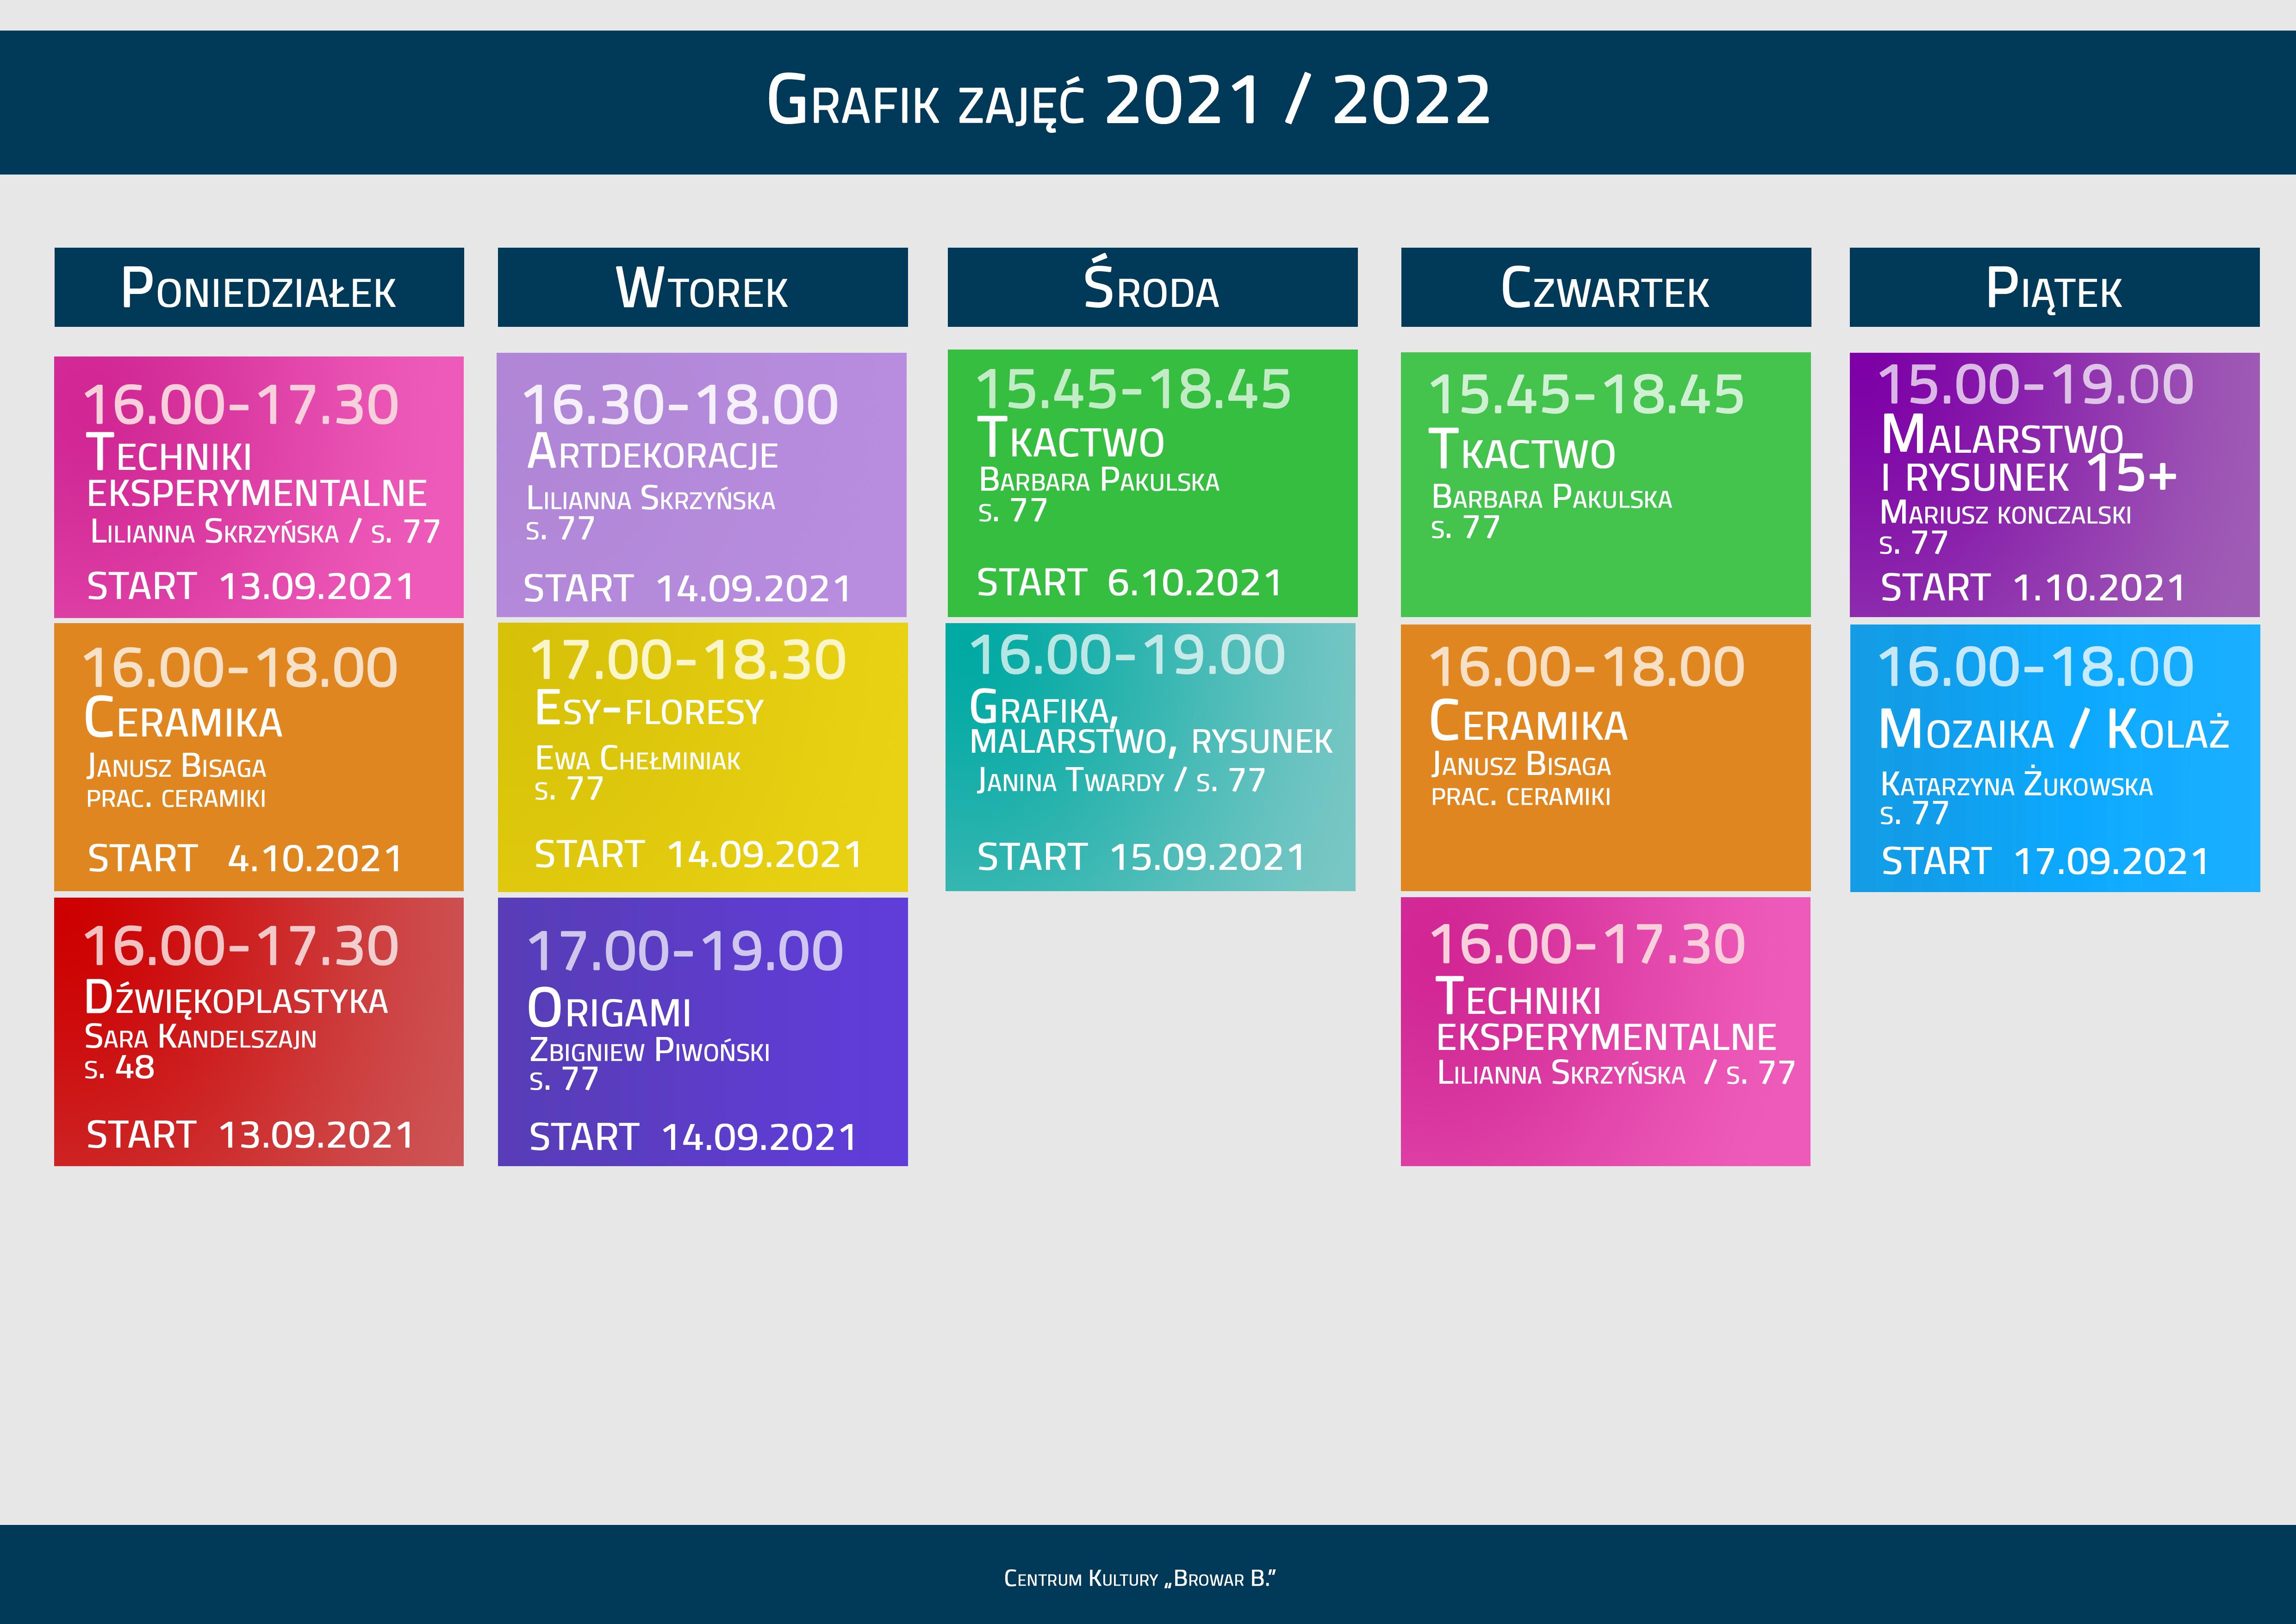 GRAFIK ZAJEC PEP 2021-22 + start'''